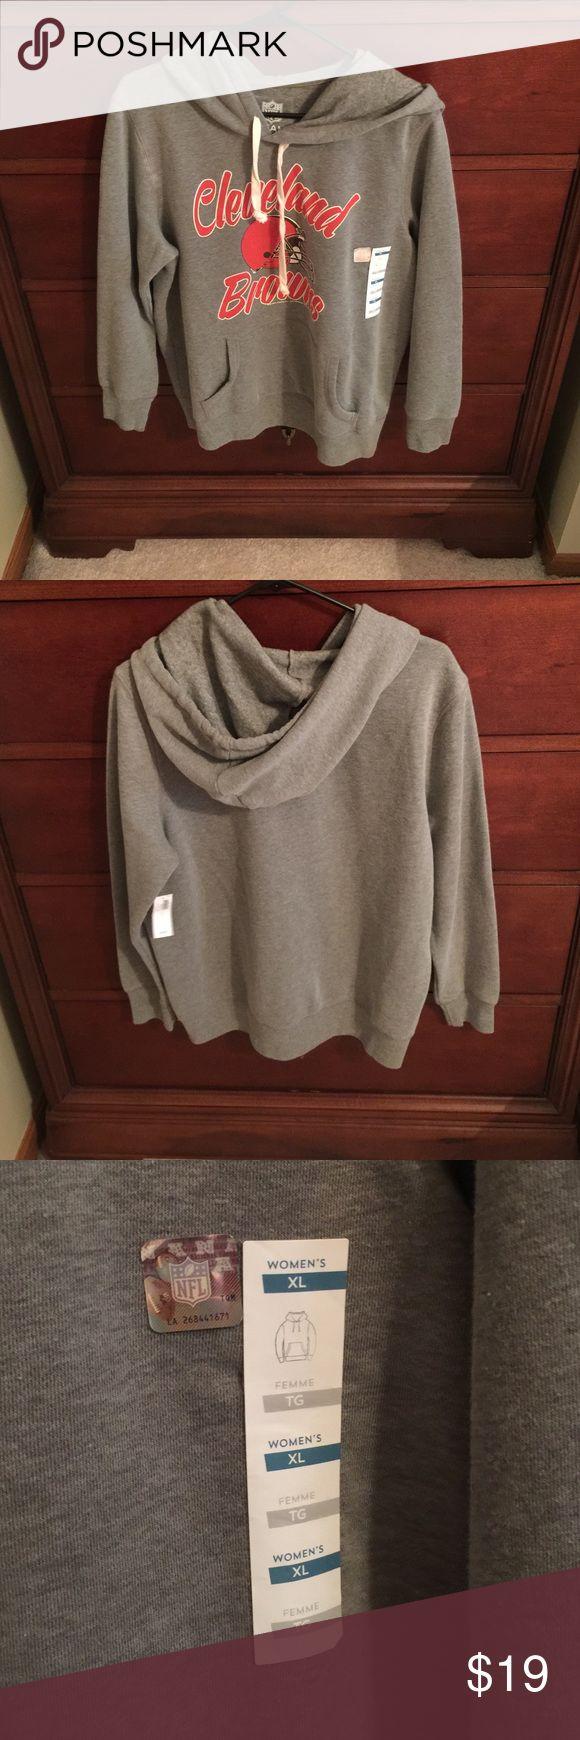 NWT Cleveland Browns Women's Old Navy Hoodie NWT Cleveland Browns Women's Old Navy Hoodie Old Navy Tops Sweatshirts & Hoodies